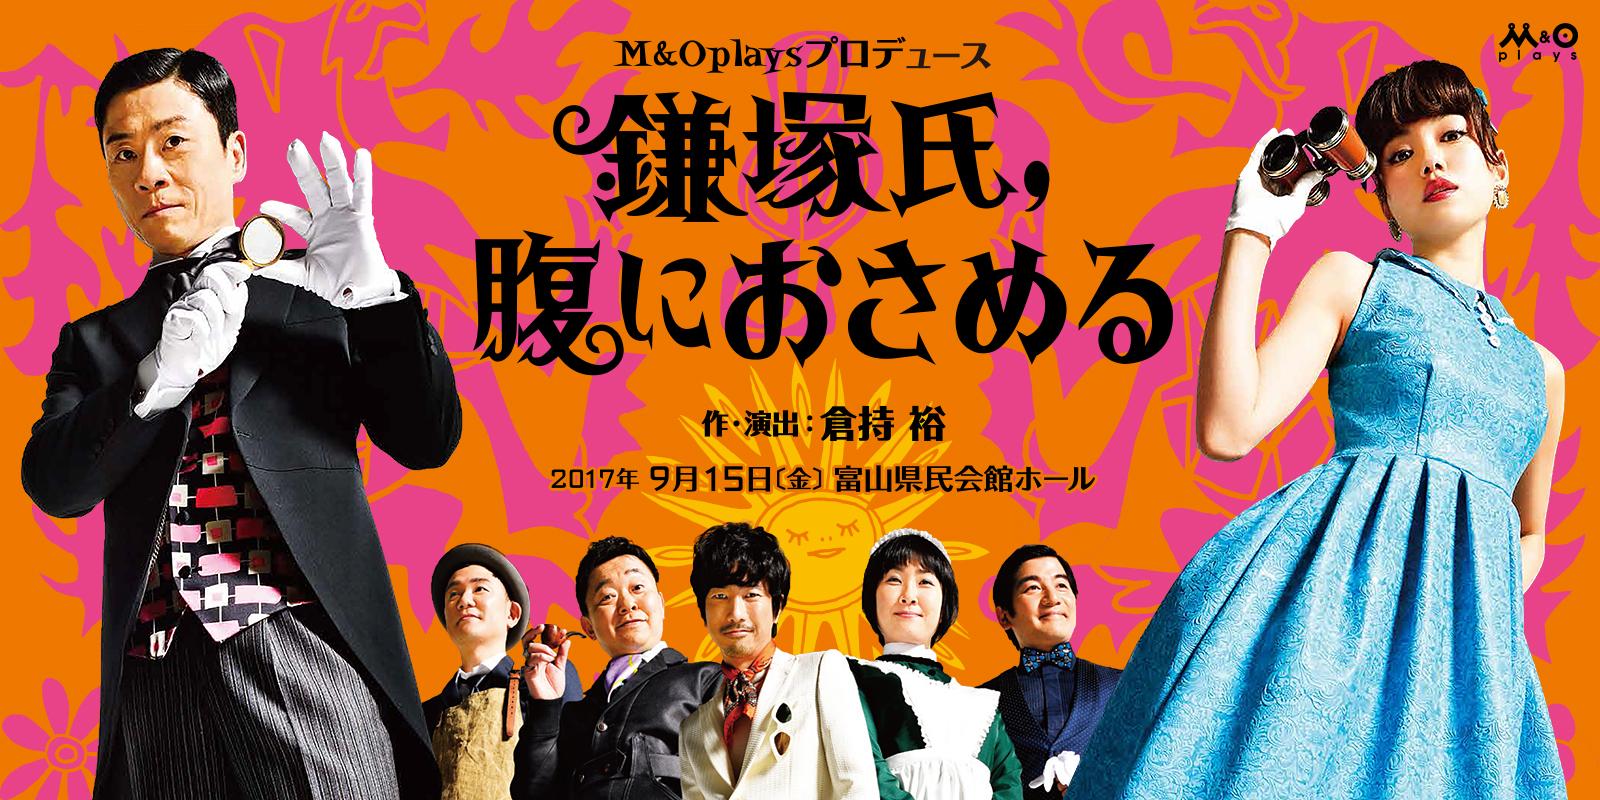 M&Oplays プロデュース 『鎌塚氏、腹におさめる』